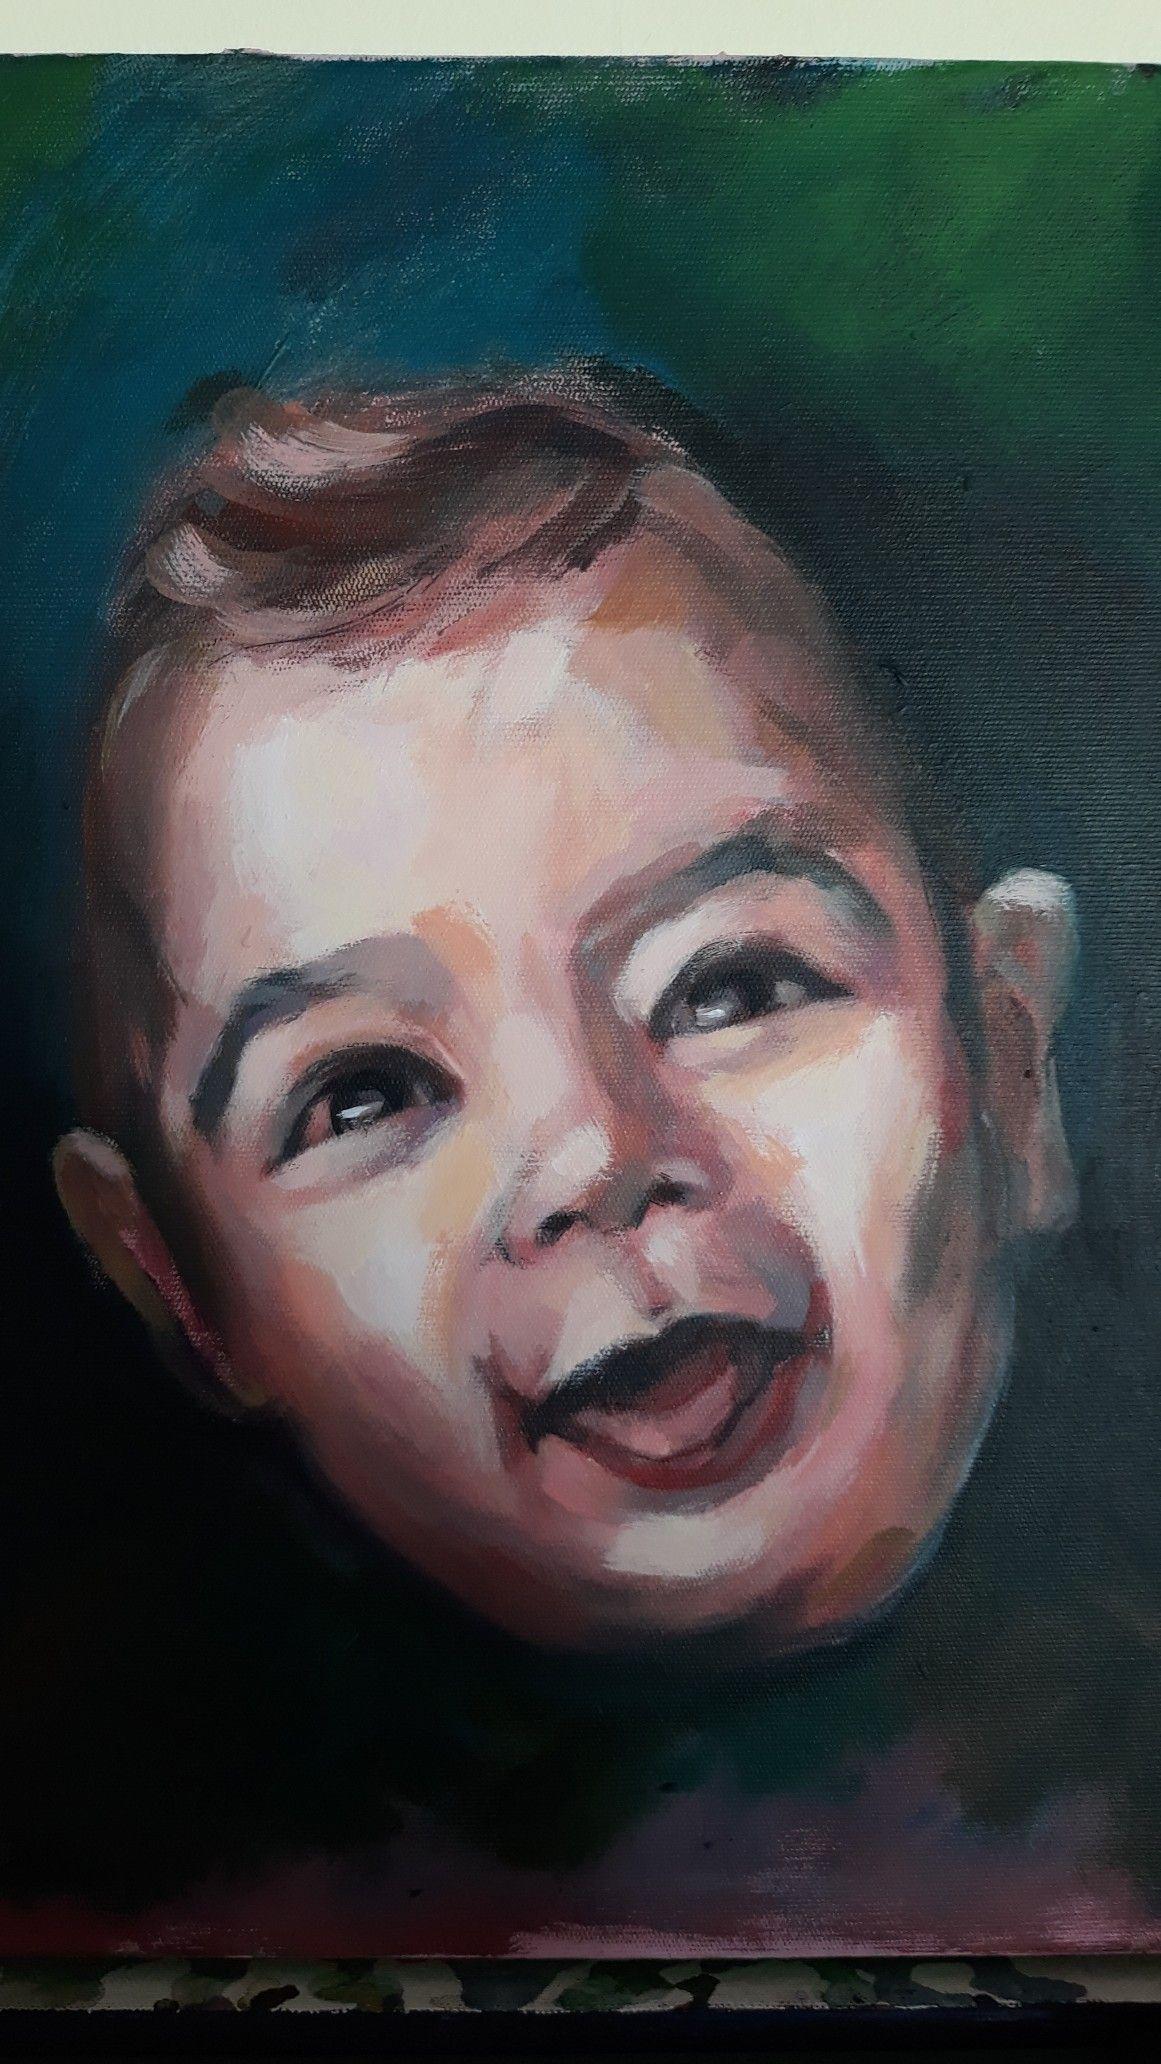 Sabriye Karagoz Adli Kullanicinin Acrylic Painting Panosundaki Pin 2020